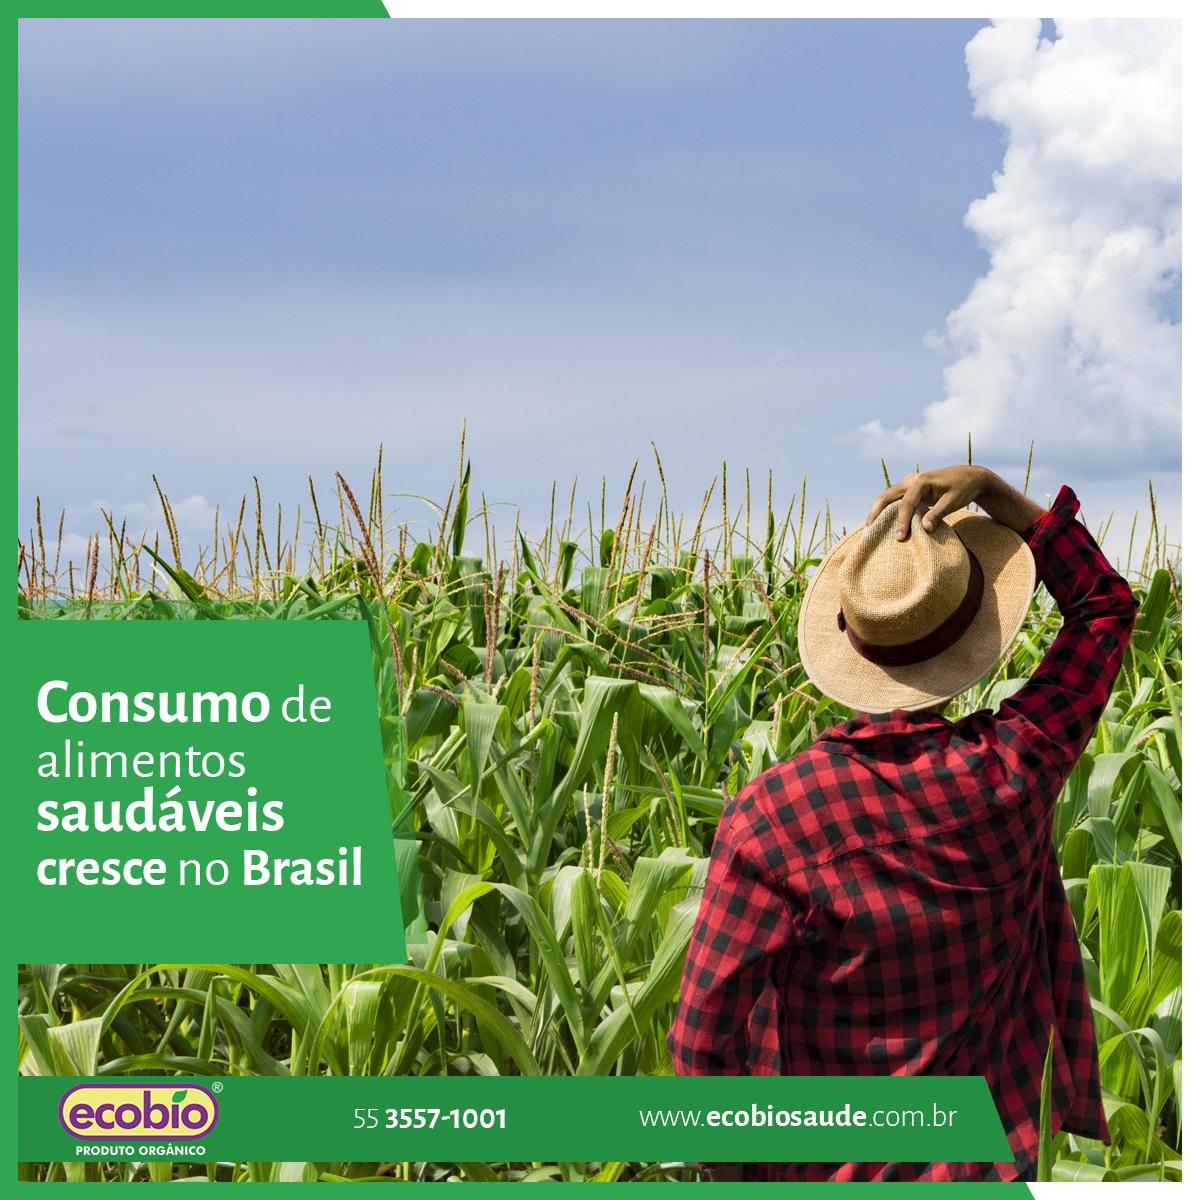 Consumo de alimentos saudáveis cresce no Brasil